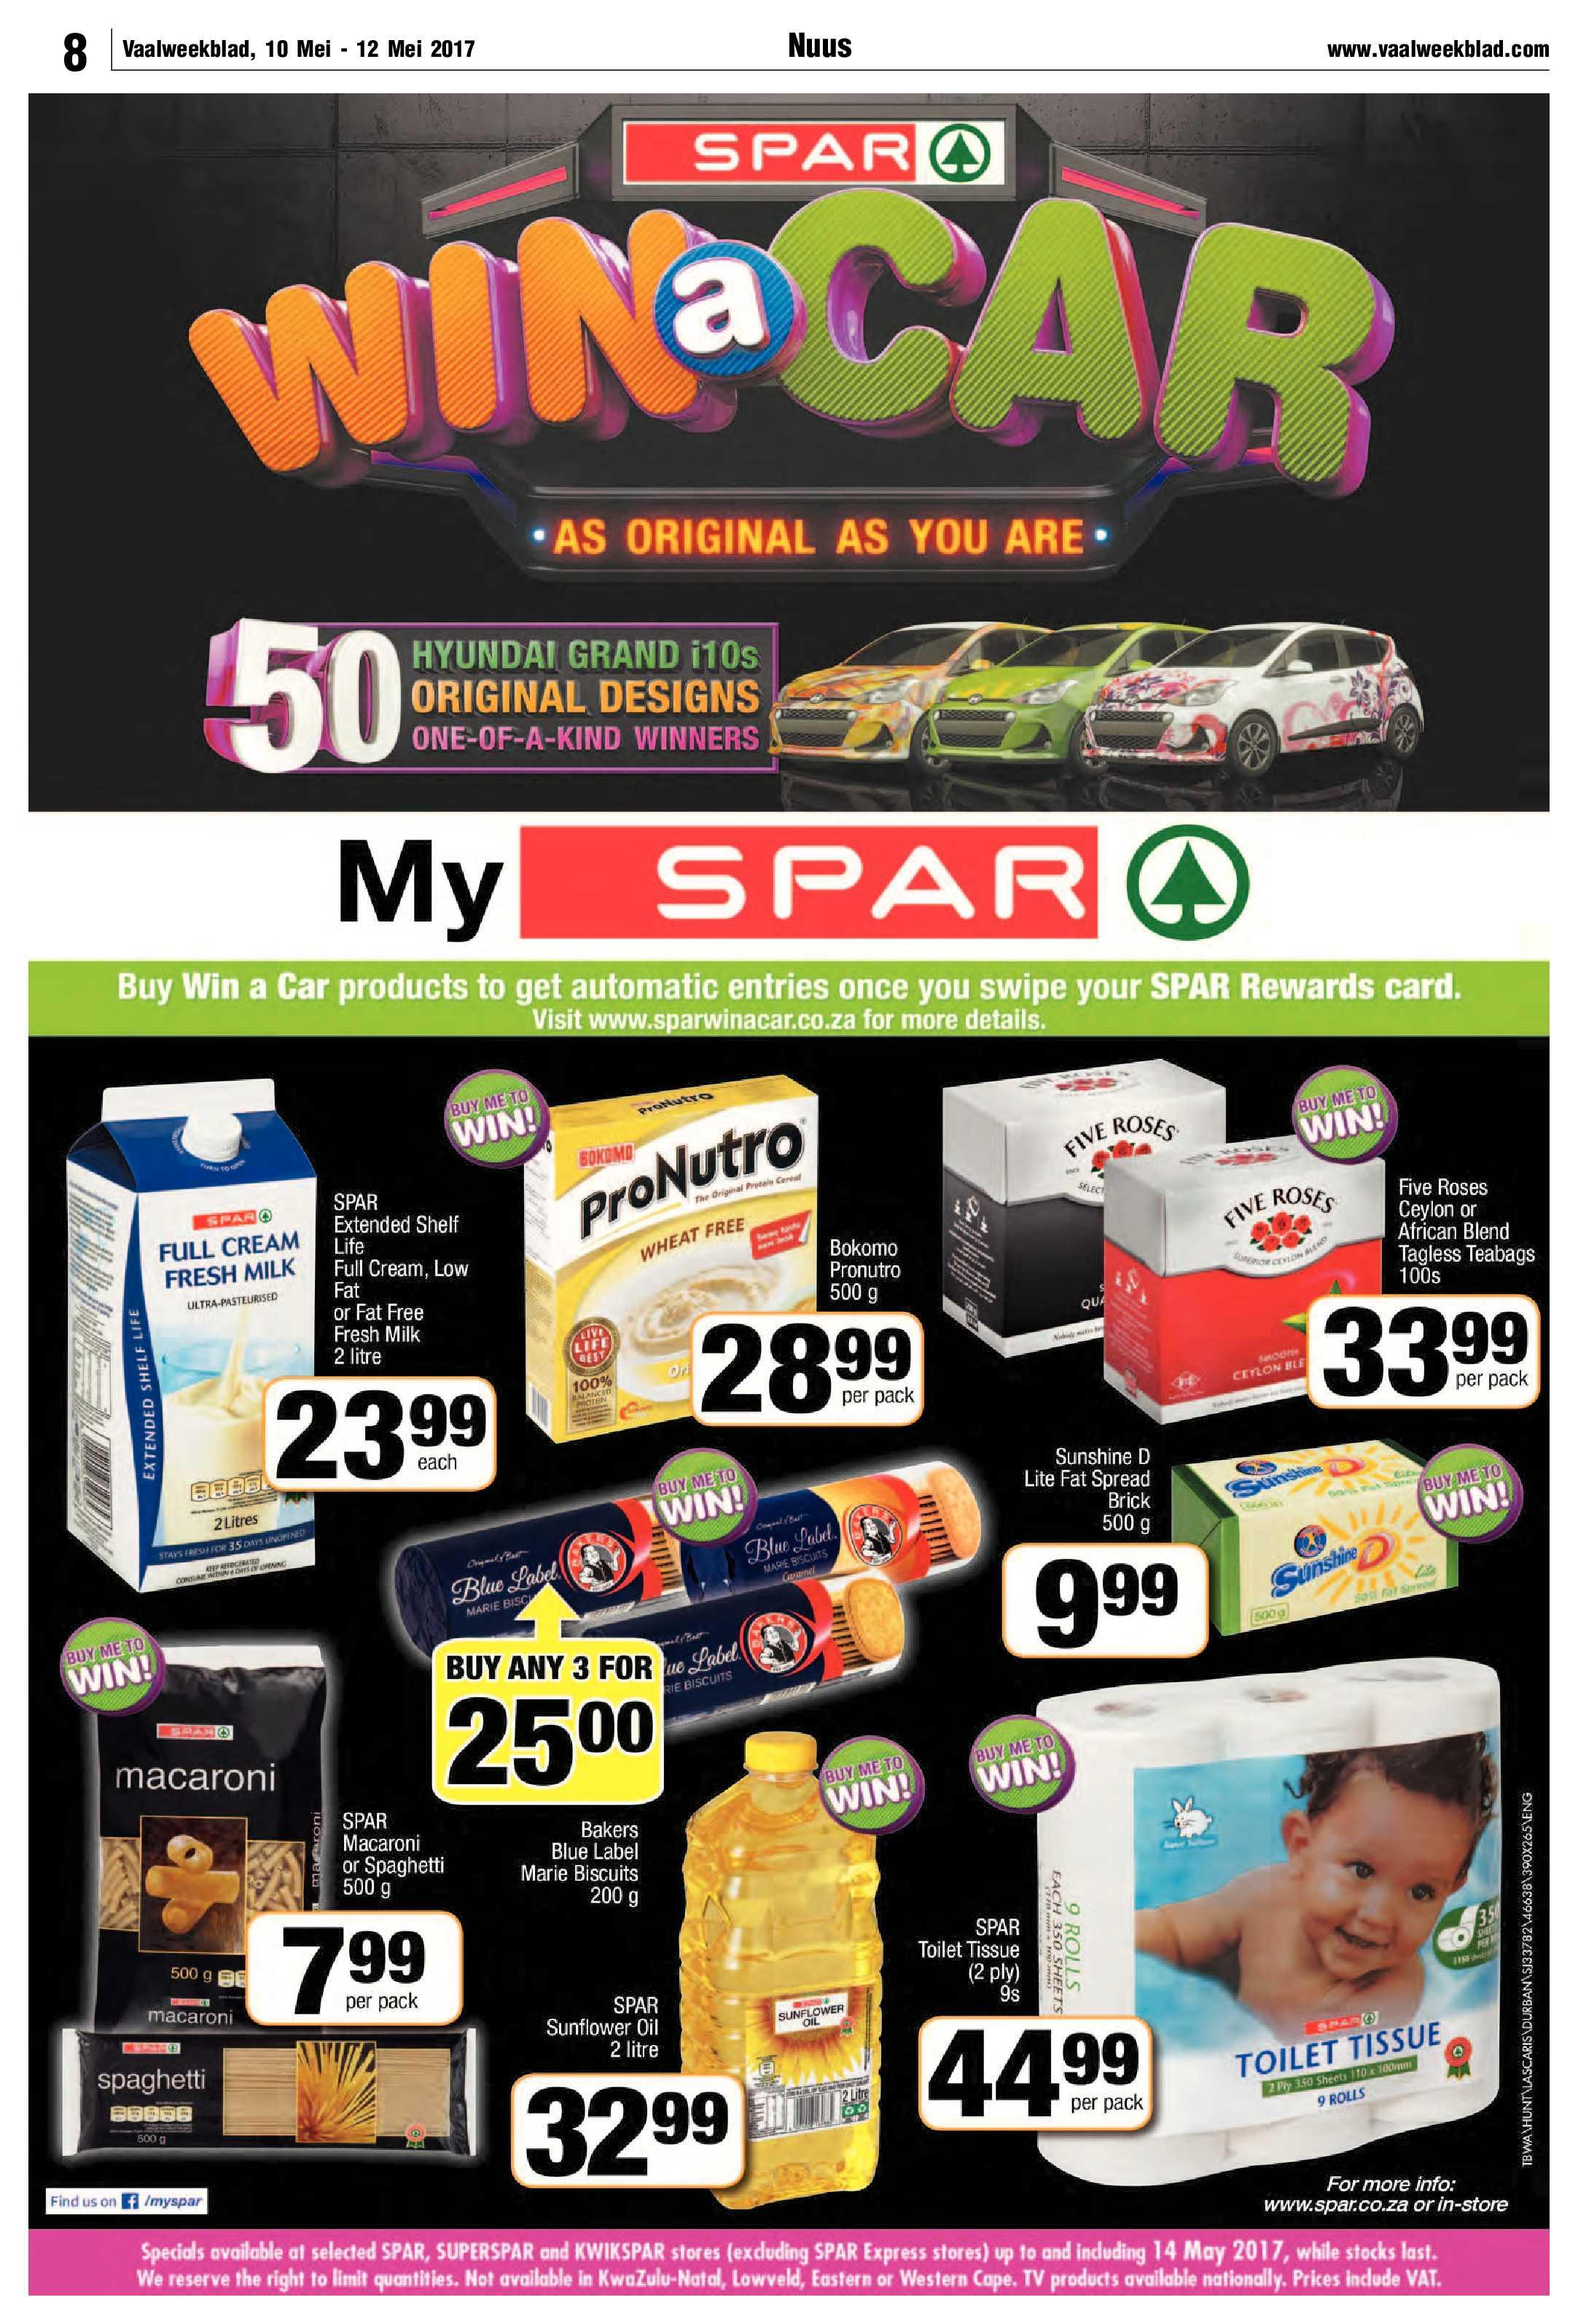 vaalweekblad-10-12-mei-2017-epapers-page-8